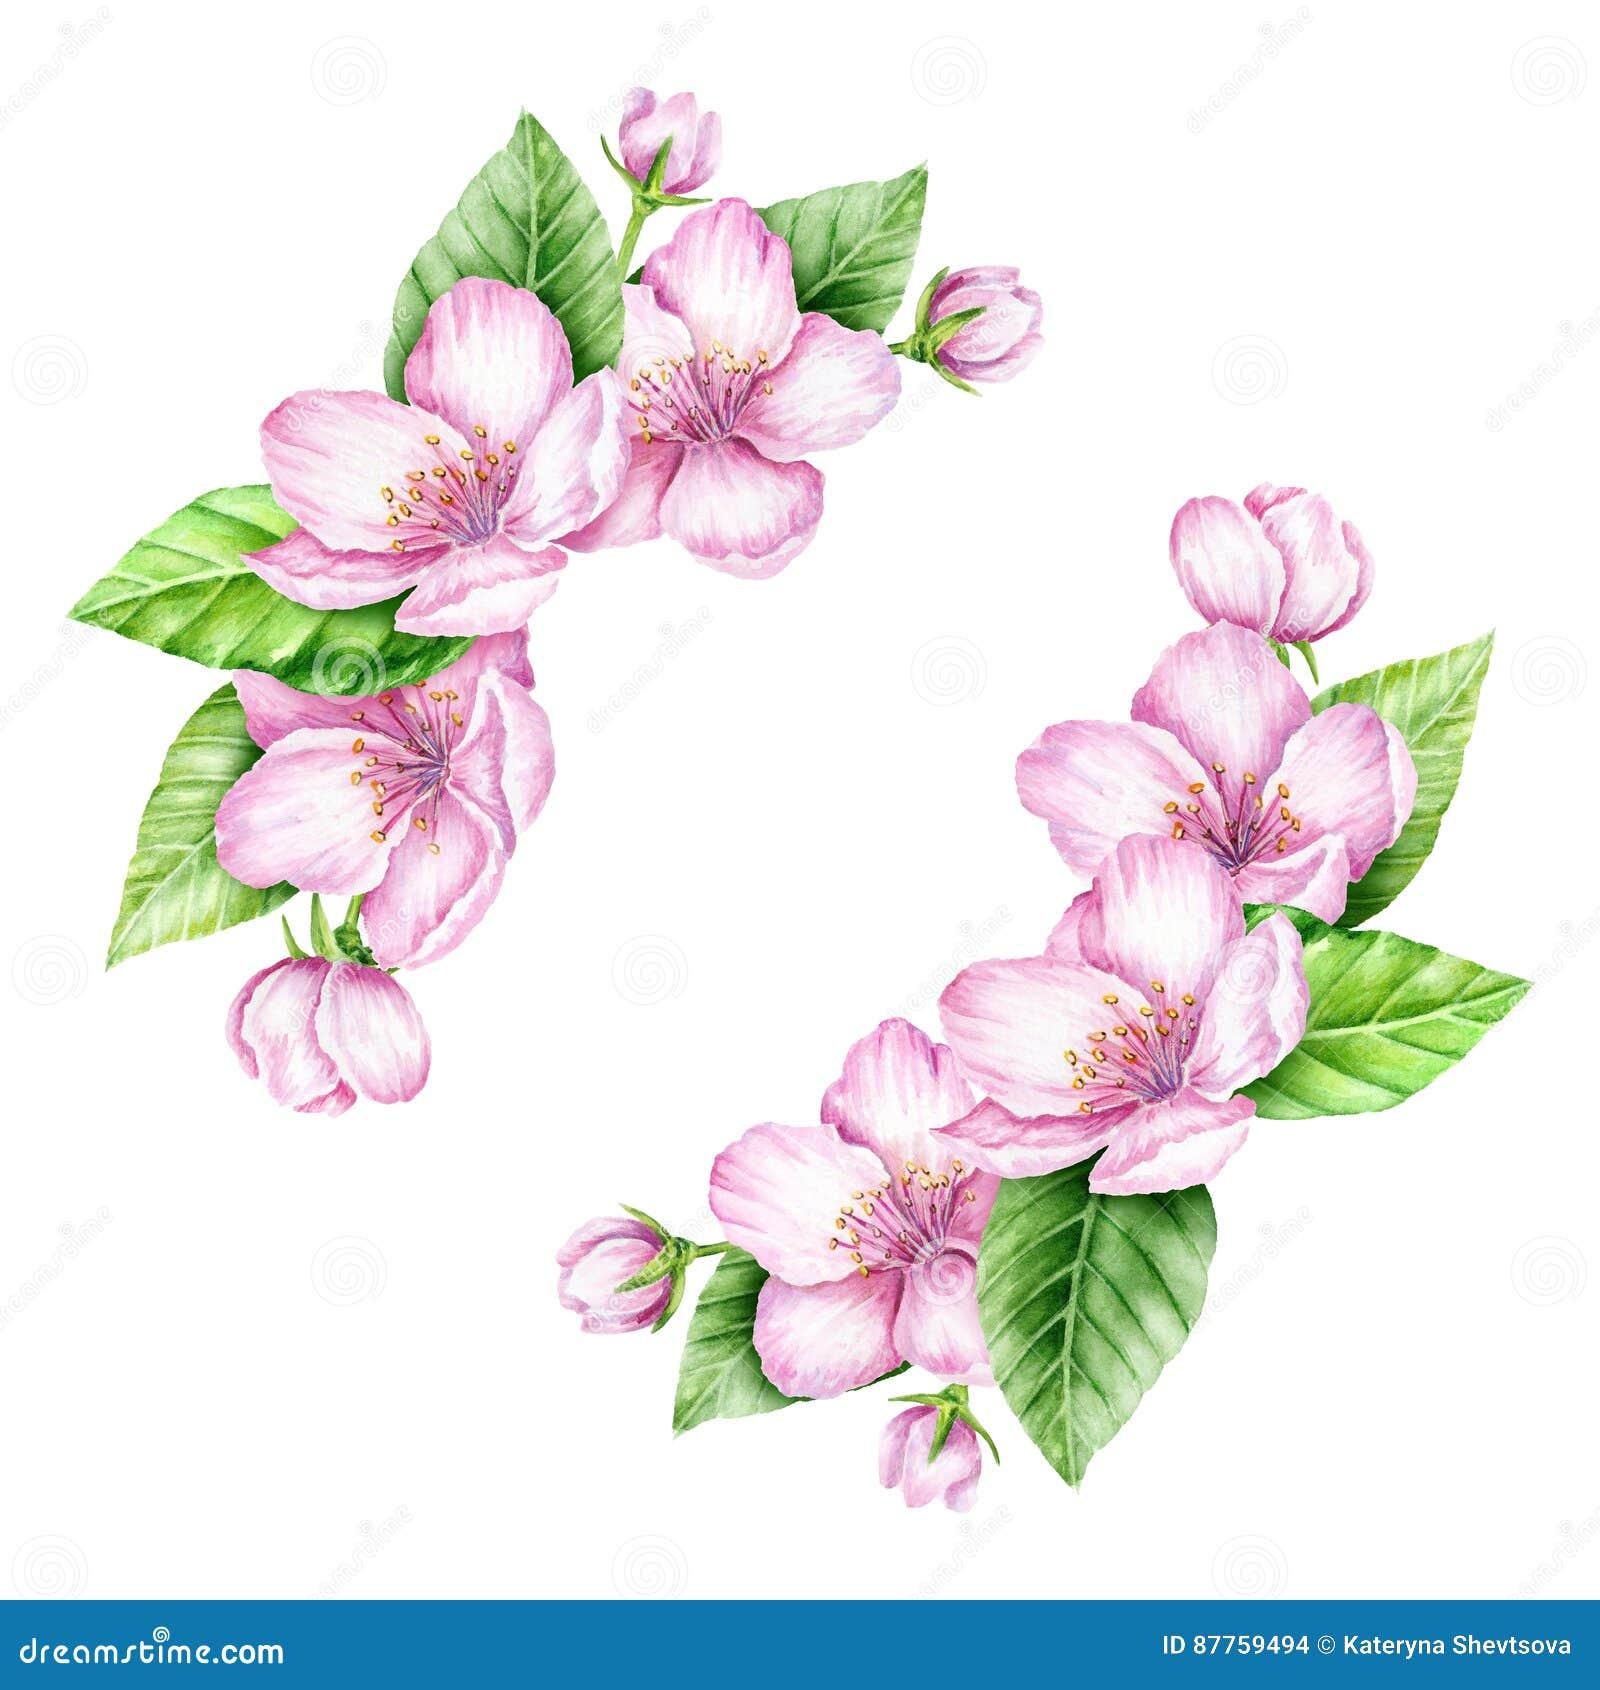 Frühlings Blüten Grenze Dekoratives Bild Einer